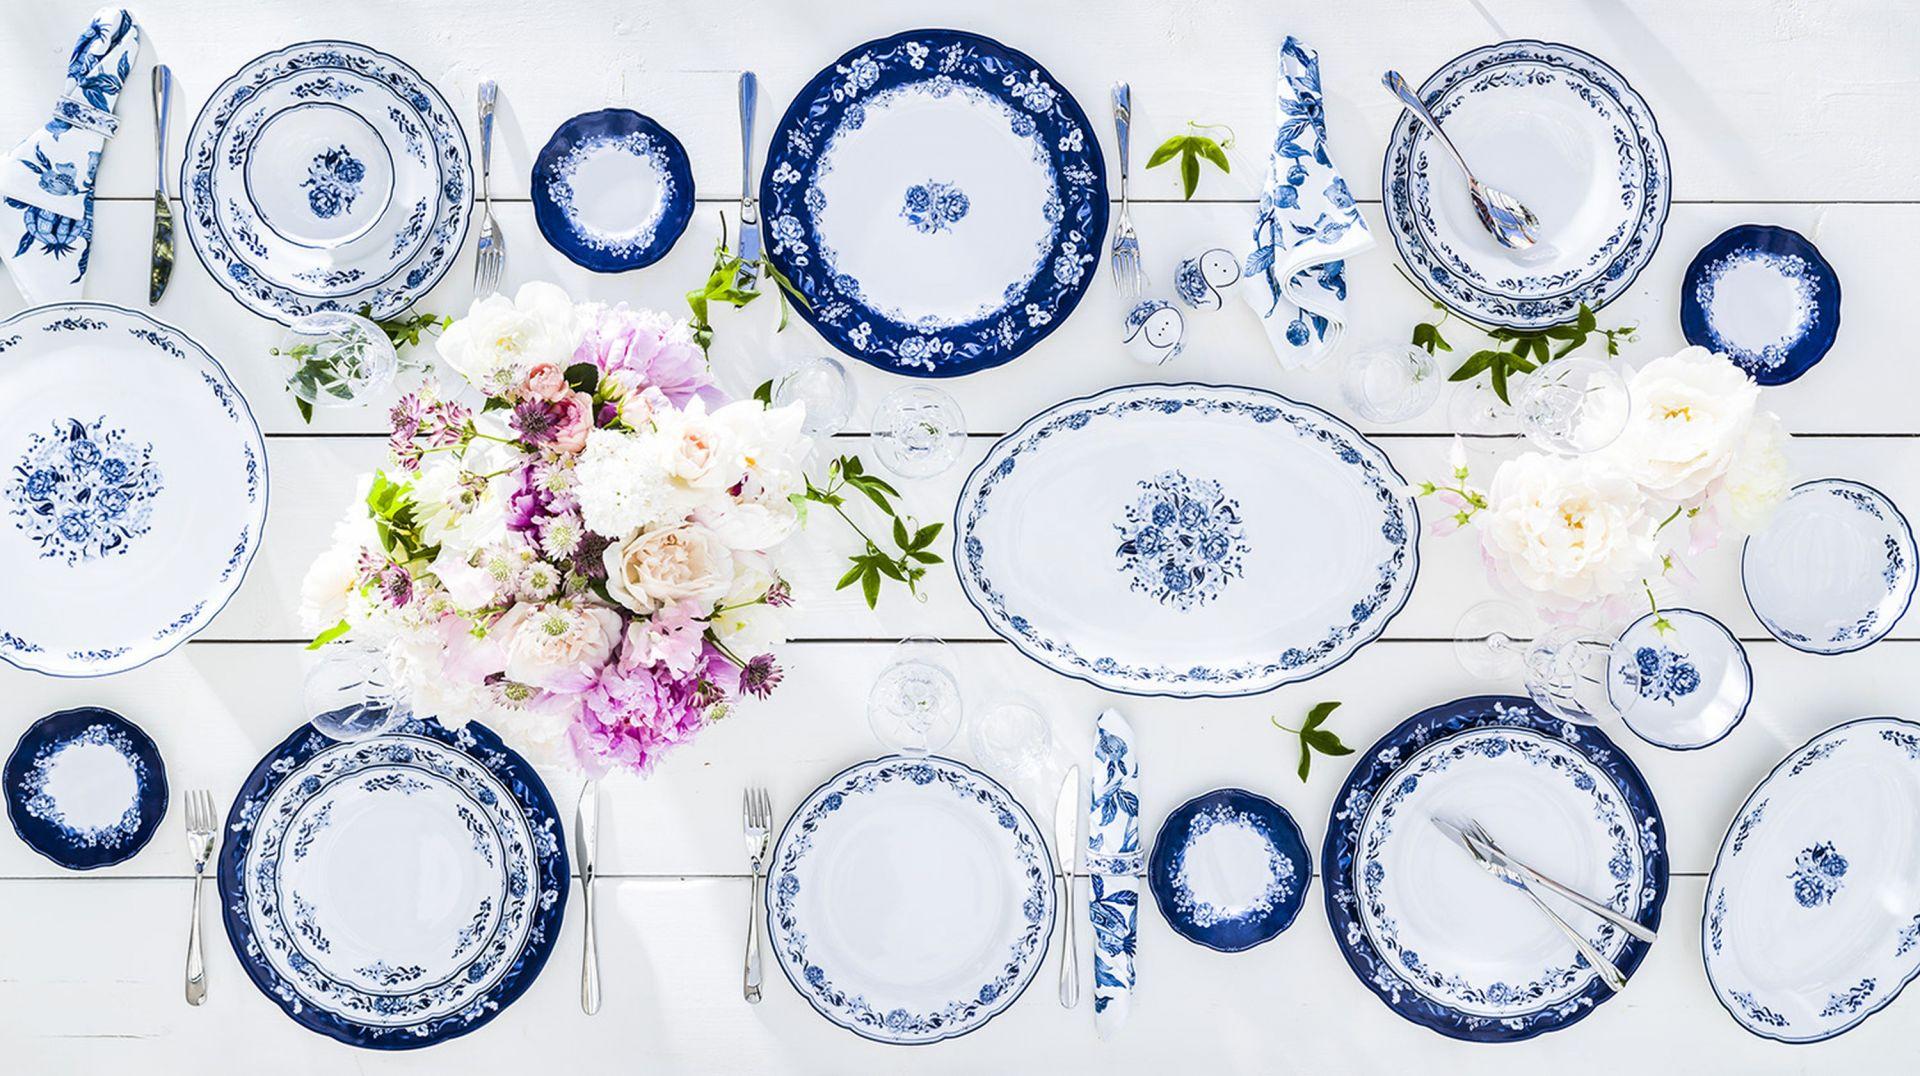 Porcelana w kolorach lata - 20 pomysłów na aranżację stołu. Fot. Fyrklovern